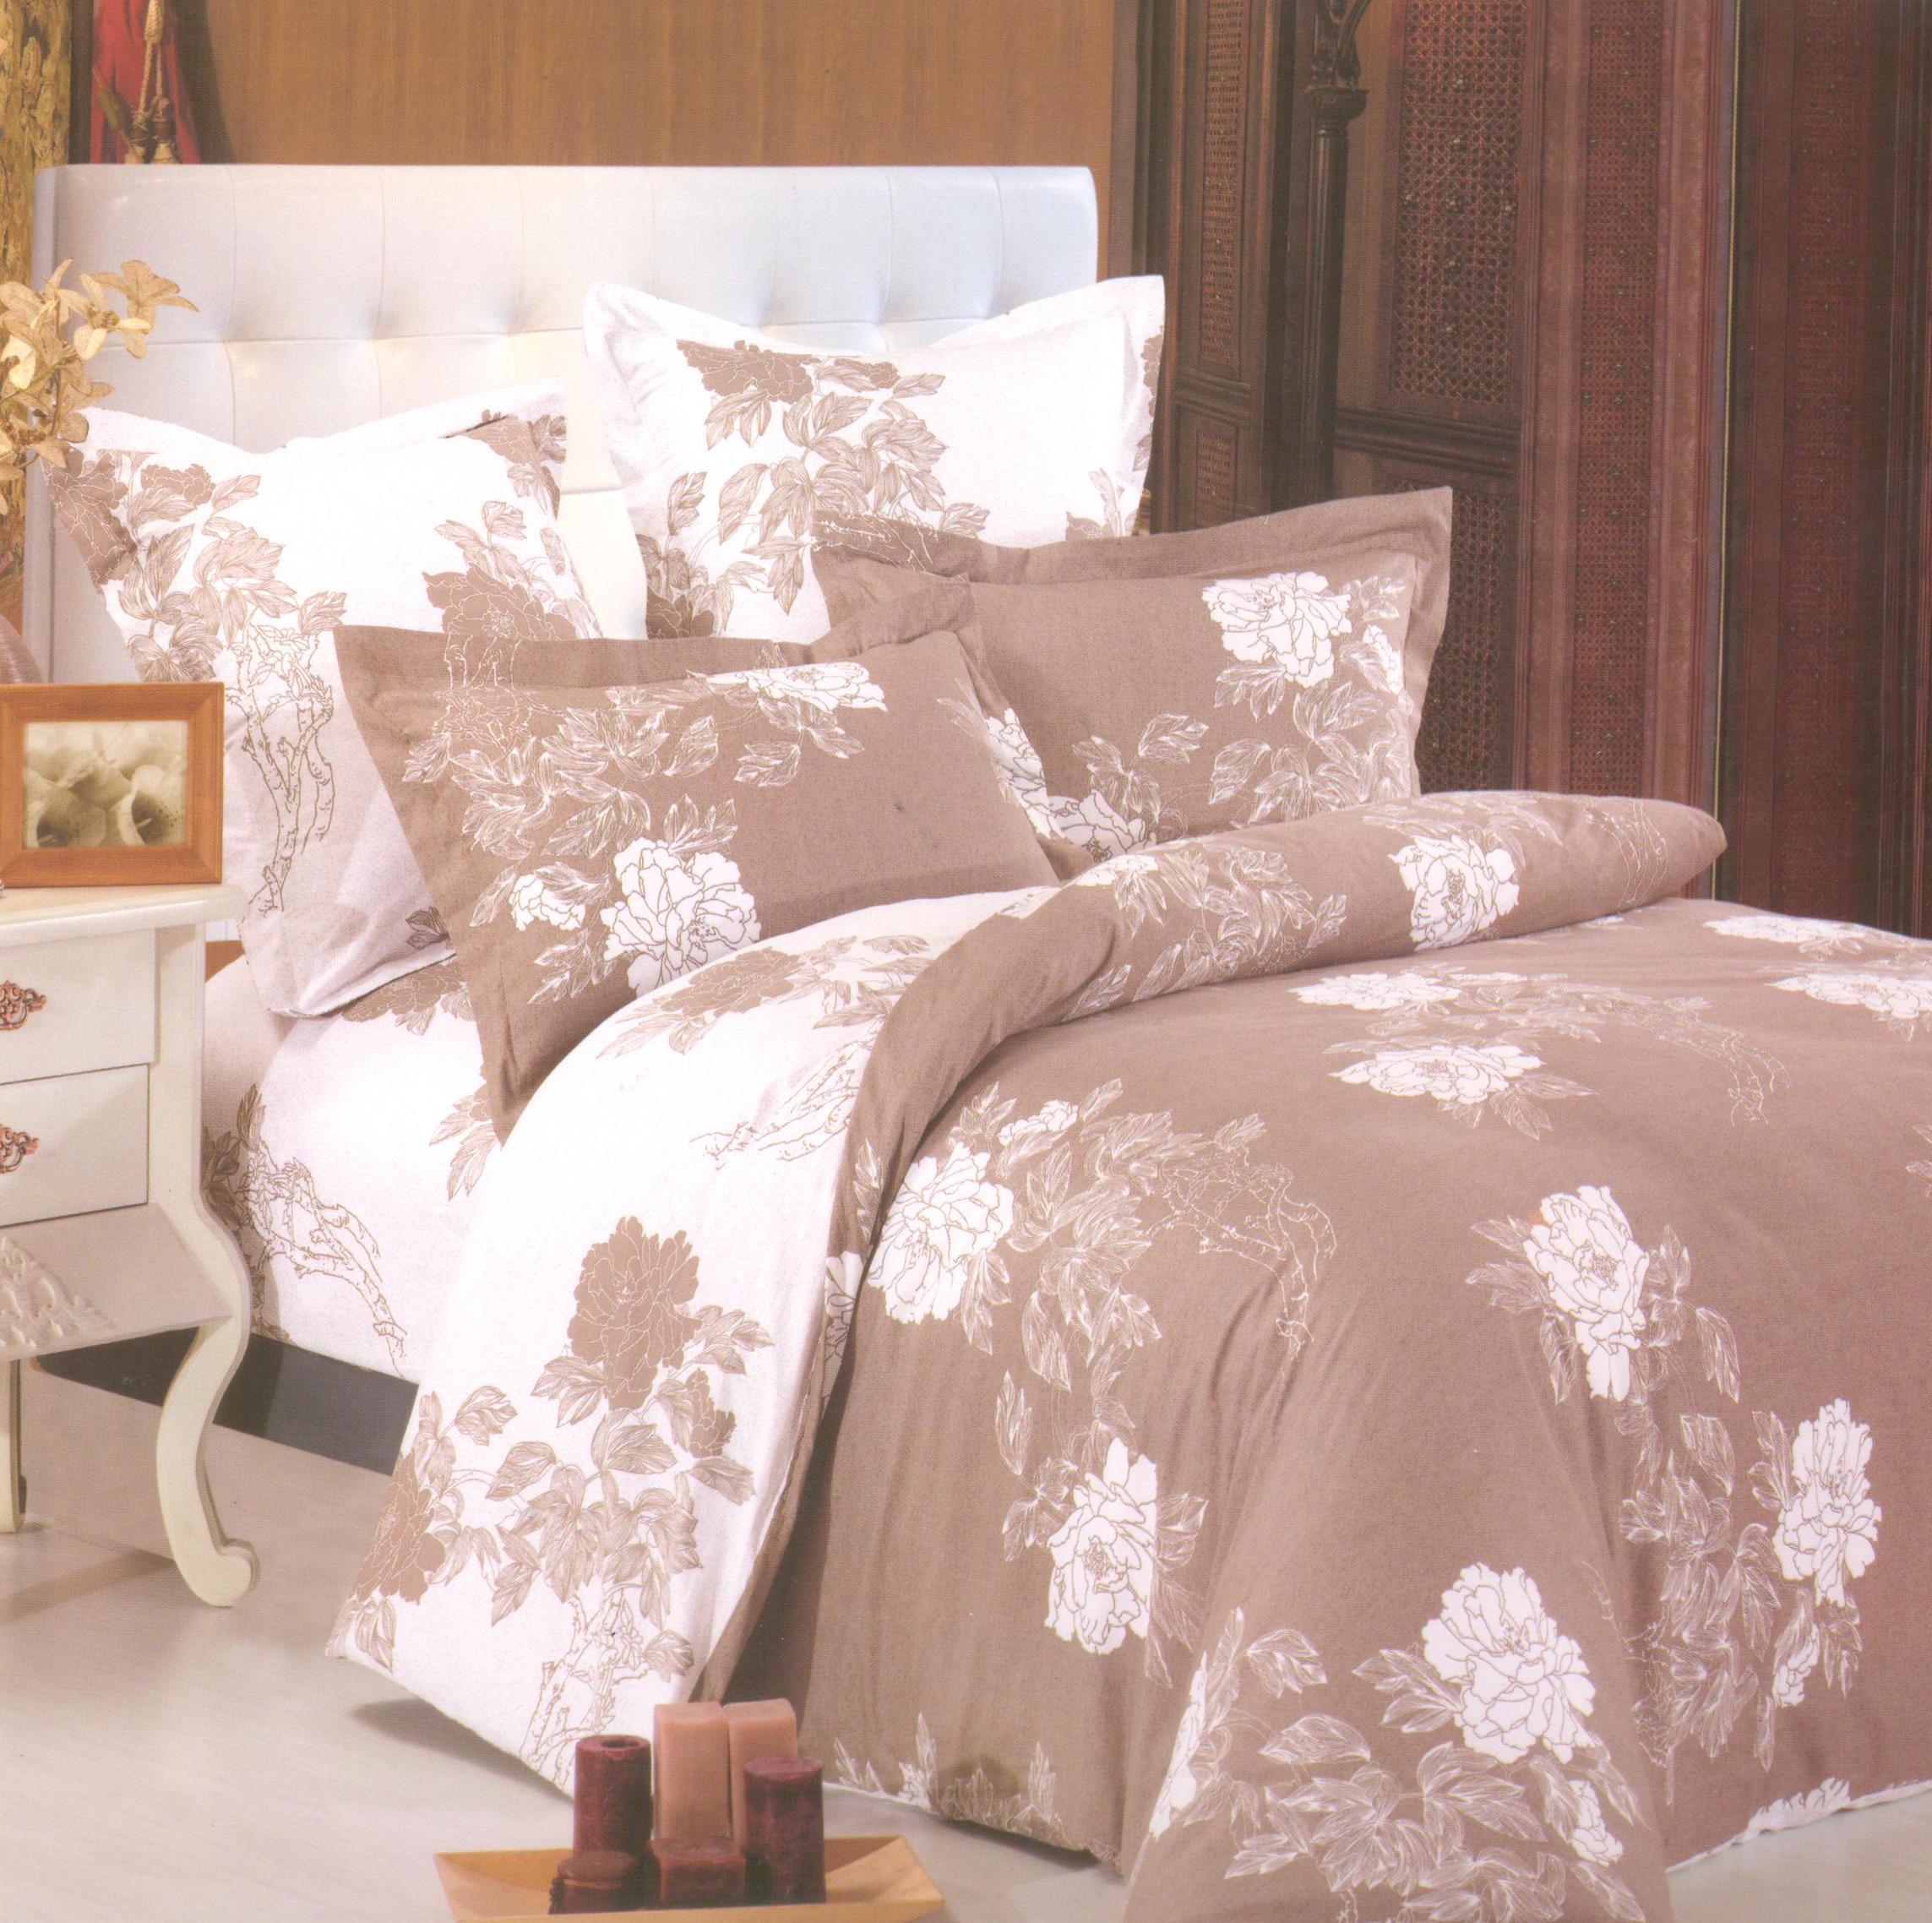 Купить Комплекты постельного белья СайлиД, Постельное белье Lavinia B-141 (2 сп. евро), Китай, Белый, Коричневый, Хлопковый сатин